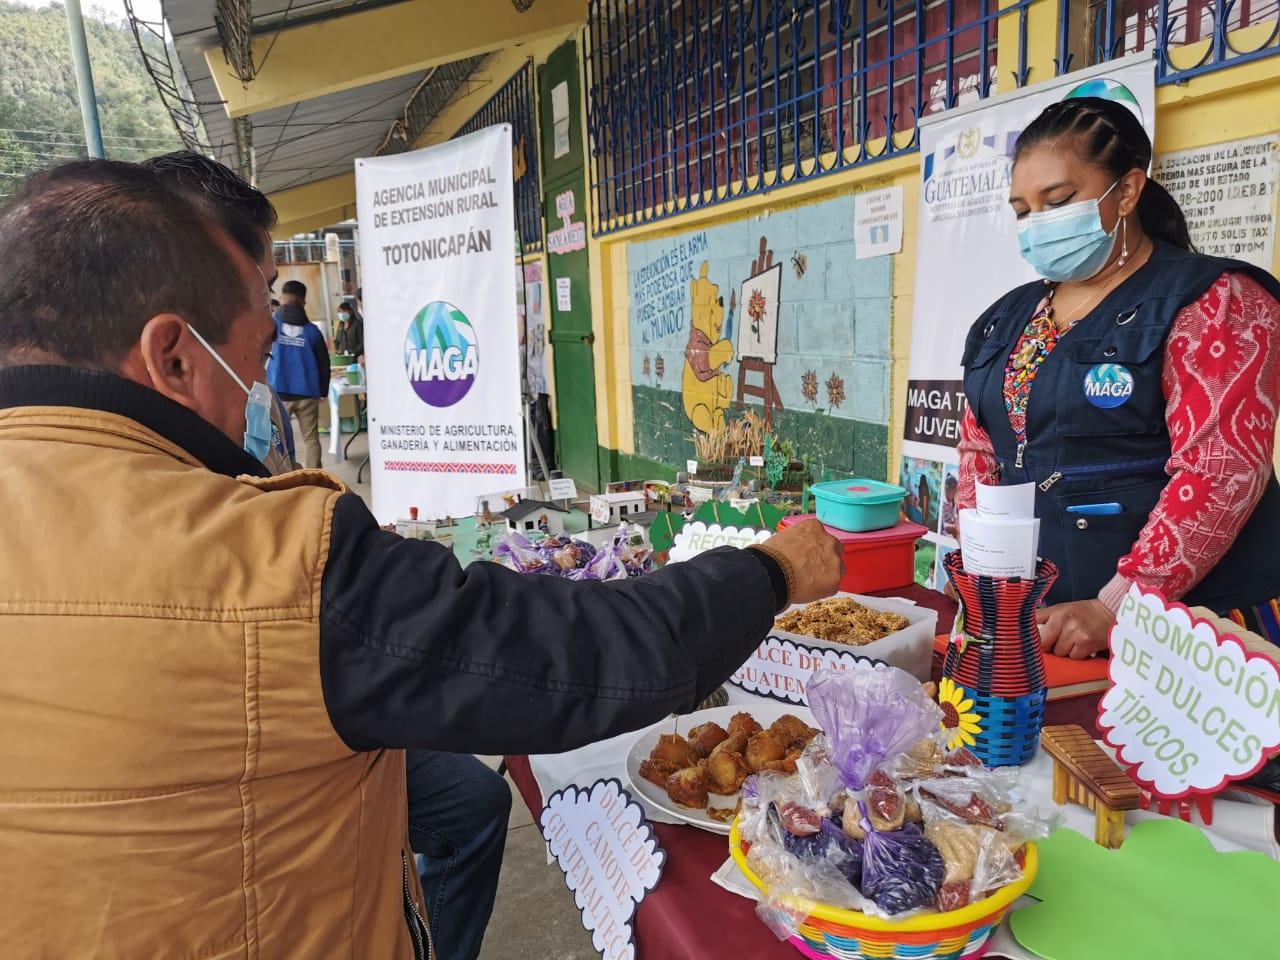 Participación de la Agencia de Extensión Rural en Evento de la Gran Cruzada Nacional por la Nutrición en coordinación con los miembros de la COMUSAN del Departamento y Municipio de Totonicapán. EORM Aldea Barraneche